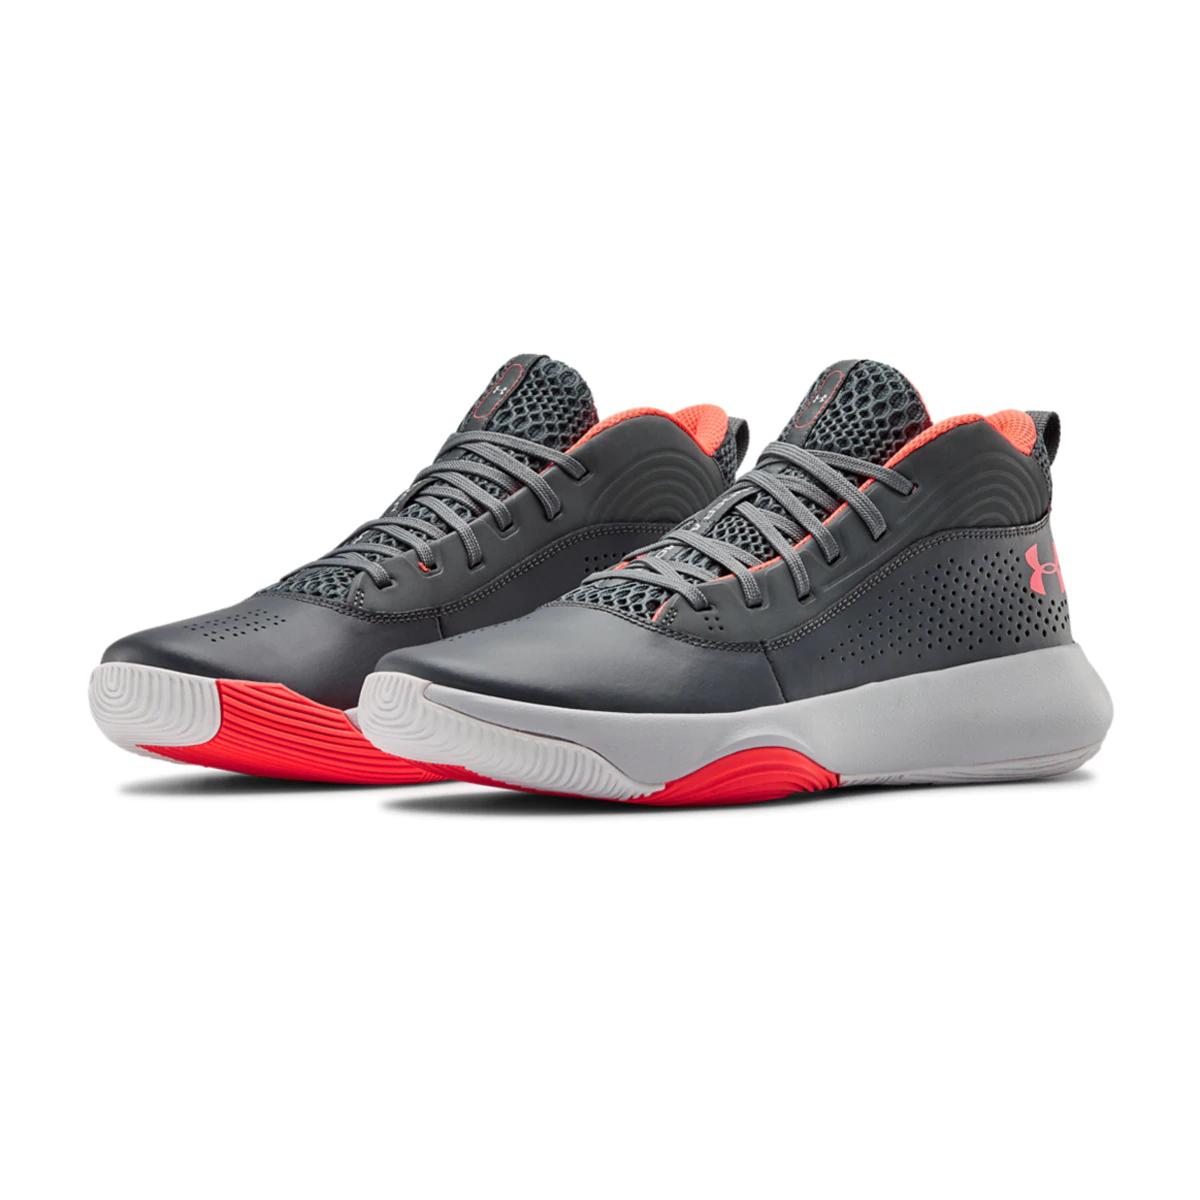 Zapatillas de baloncesto de hombre Lockdown 4 Under Armour